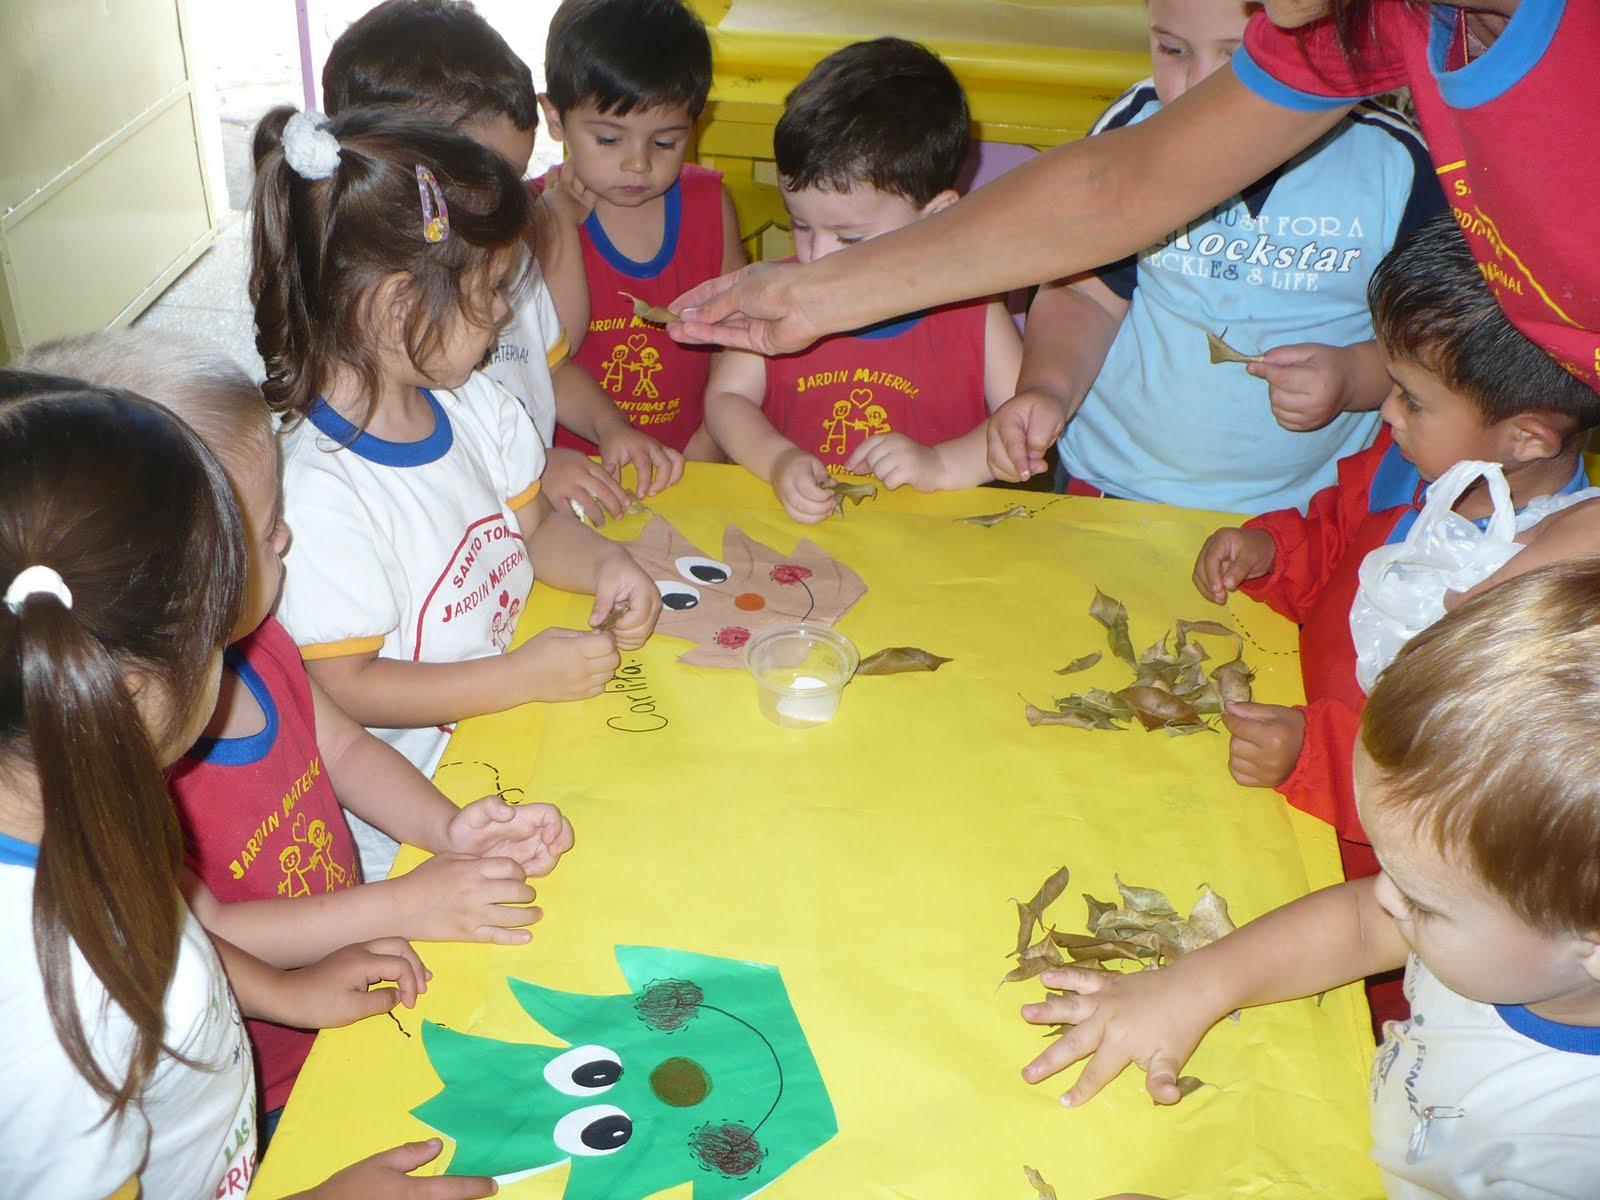 Jard n maternal las aventuras de cristian y diego marzo 2010 for Actividades para jardin maternal sala de 2